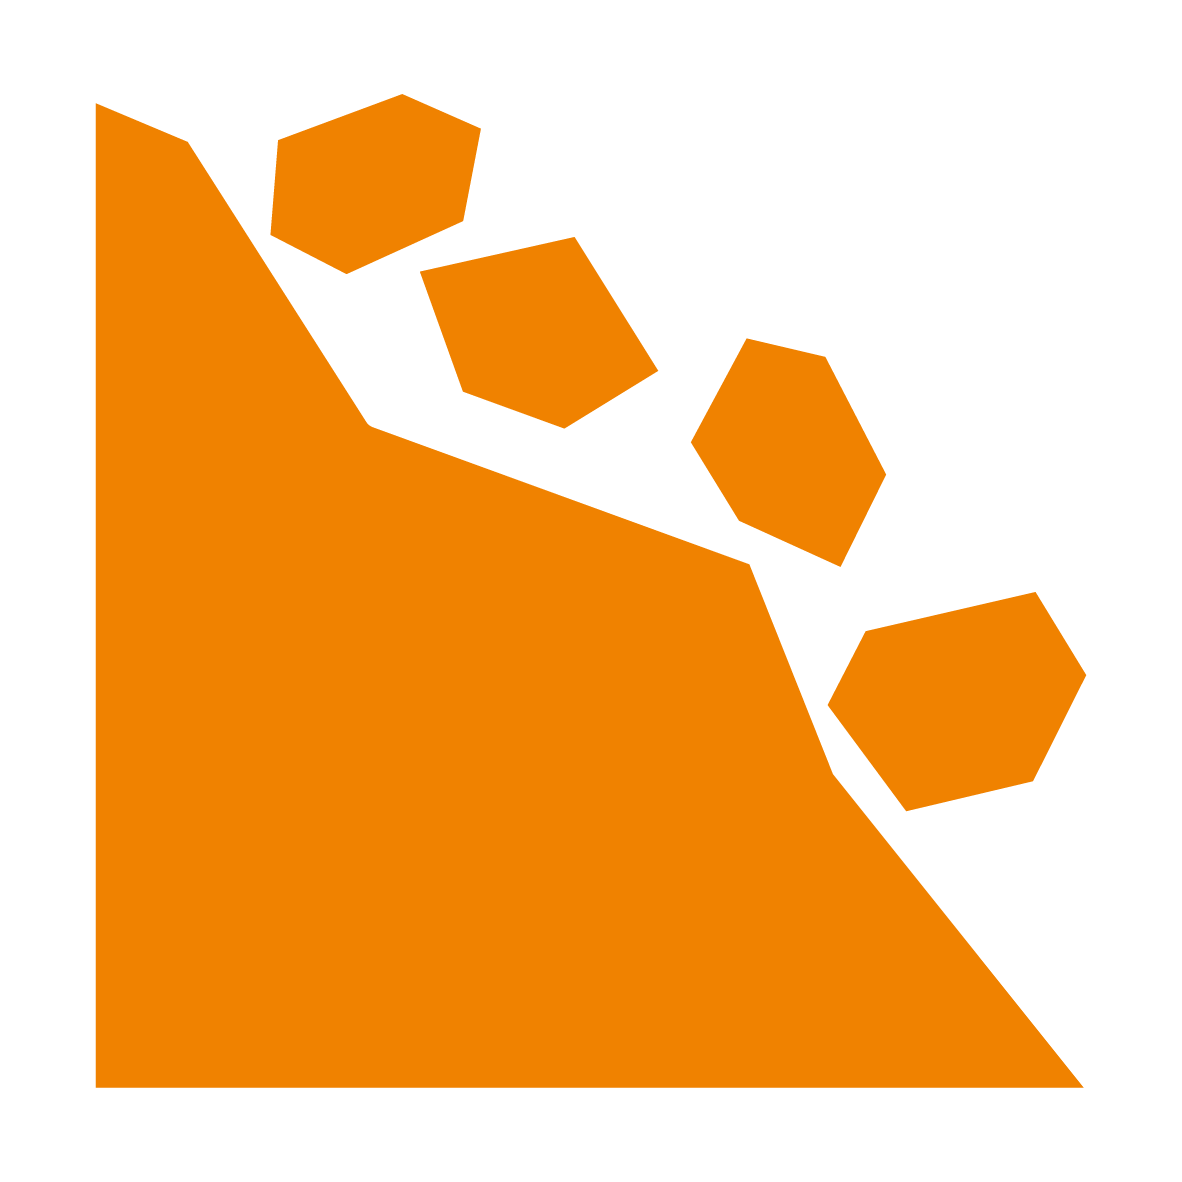 解决方案图标-06